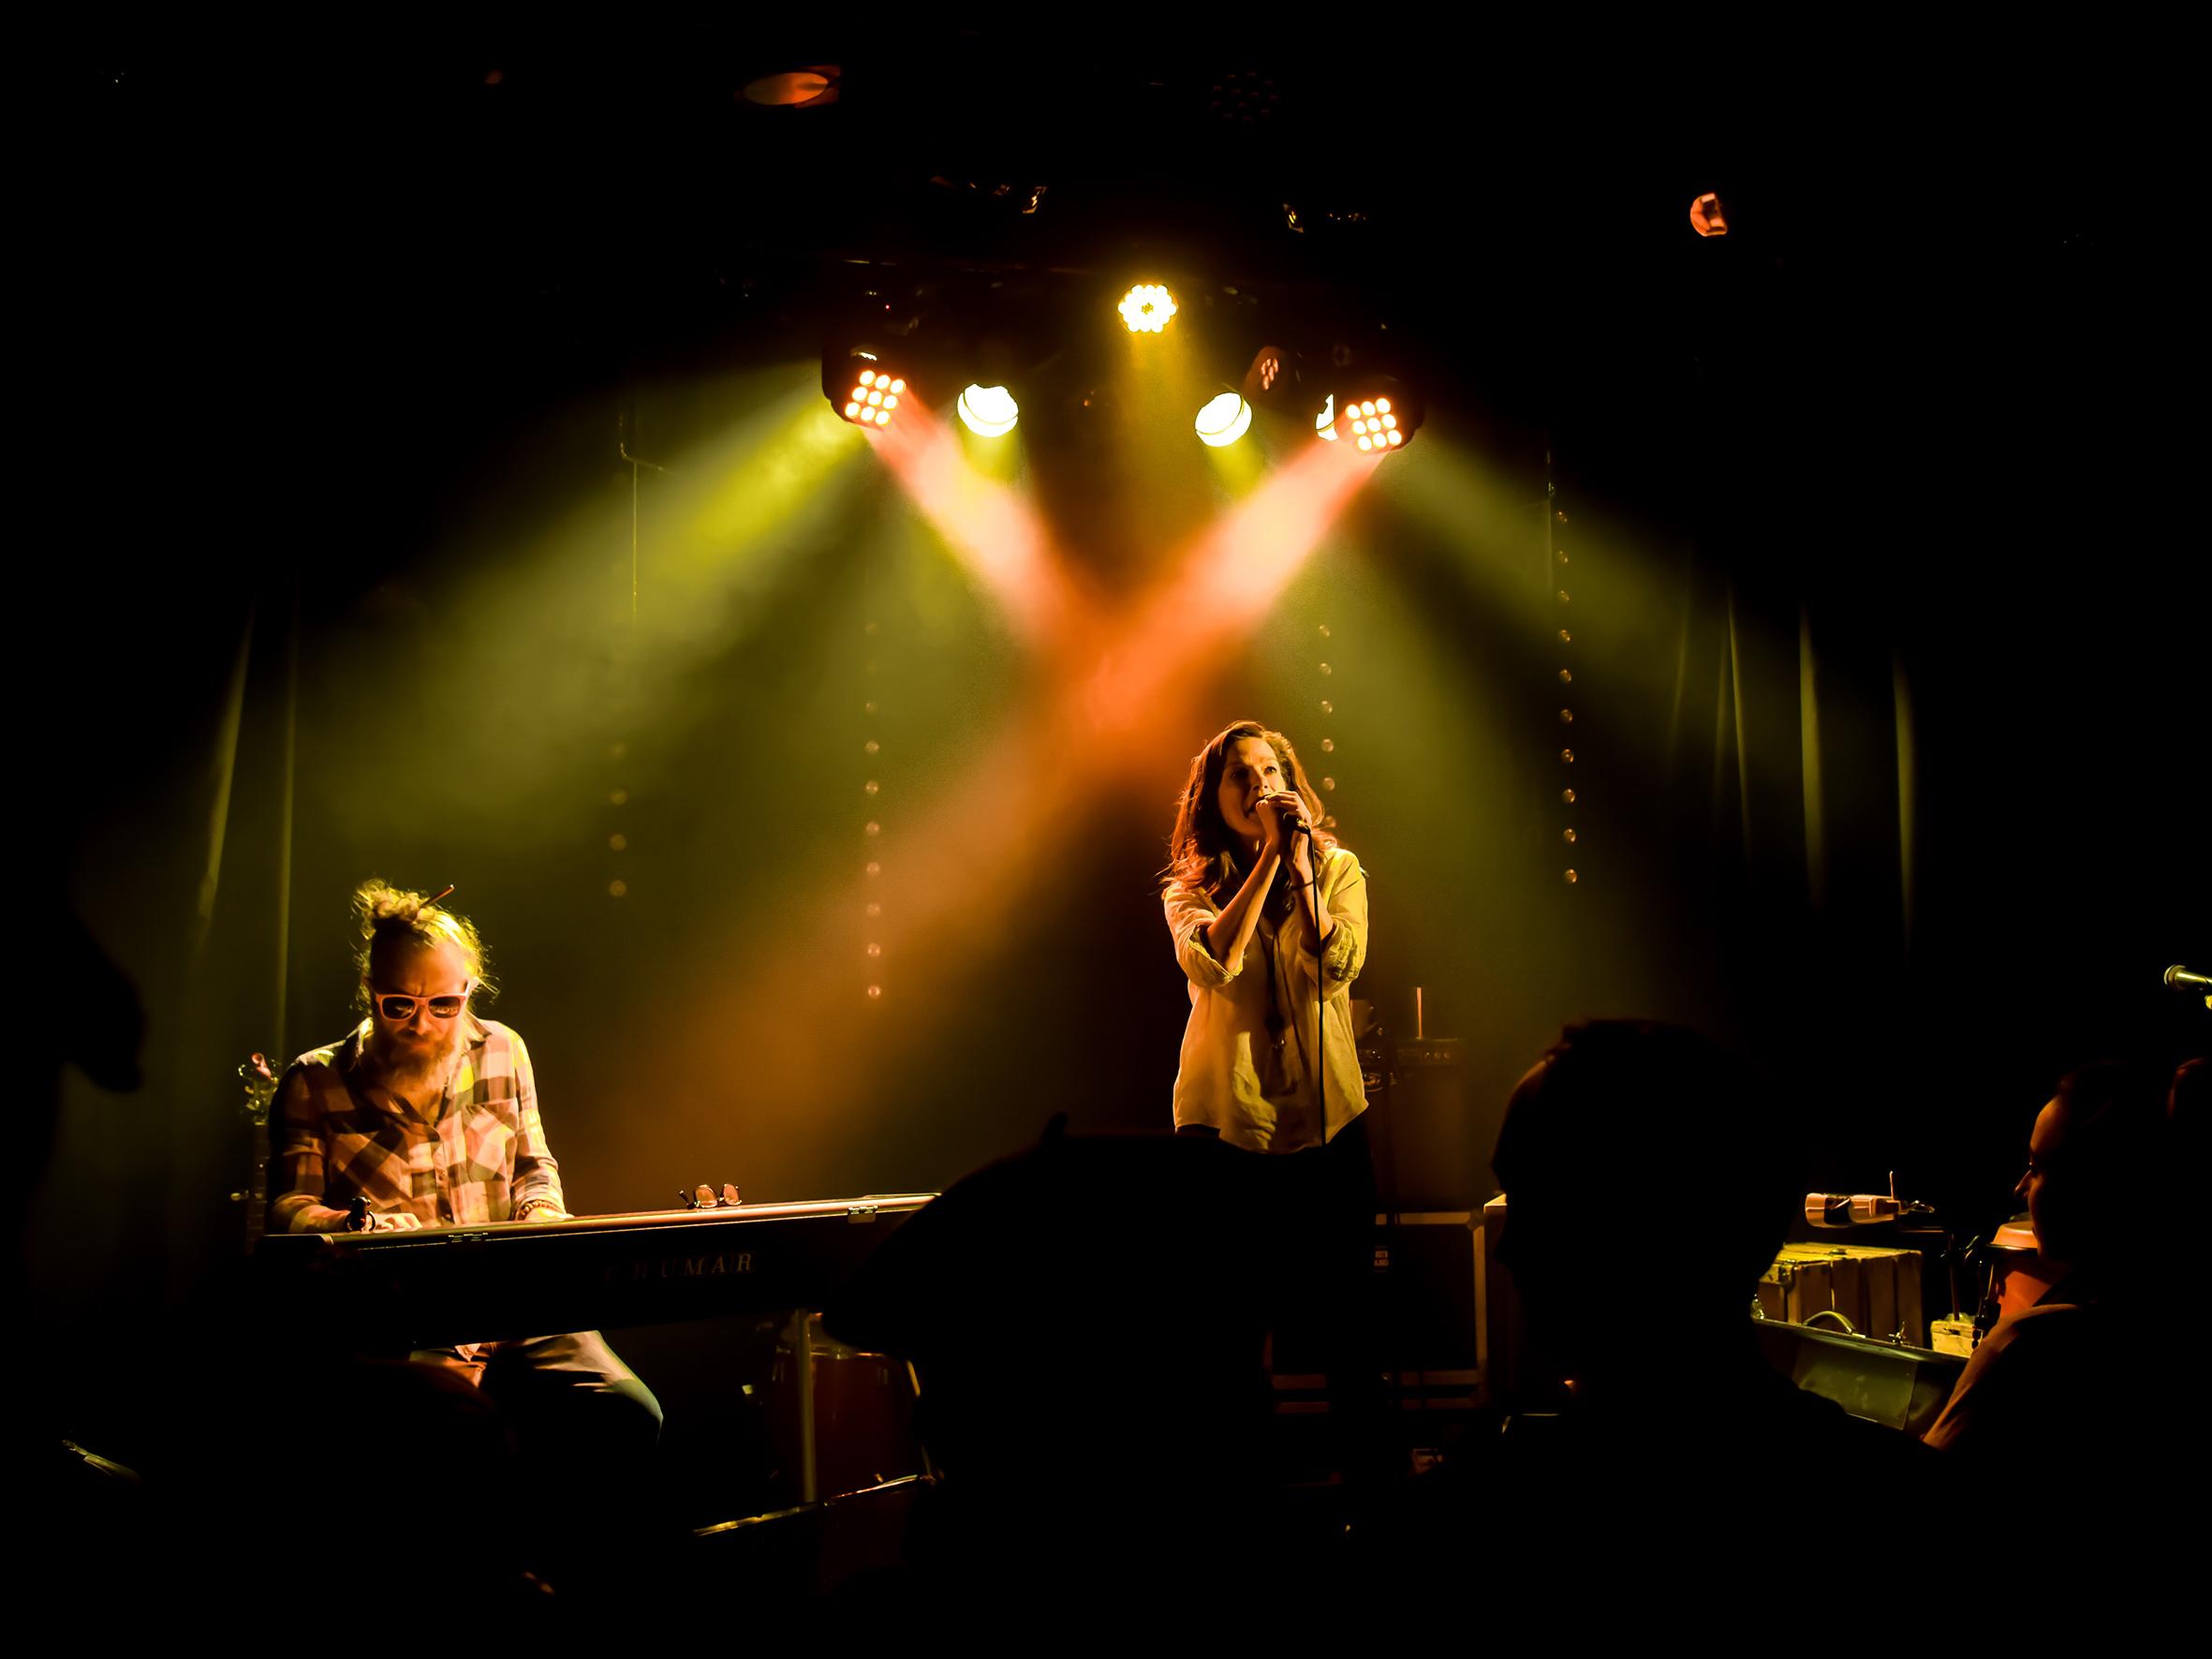 Dans le cadre d'Arles se livre, « Trouver les mots et les silences » Micro-cabaret, à la nuit tombée avec Thézame Barrême (éditions Moires) et Abdul Jaba (piano électro) du groupe Hedy Lamarr